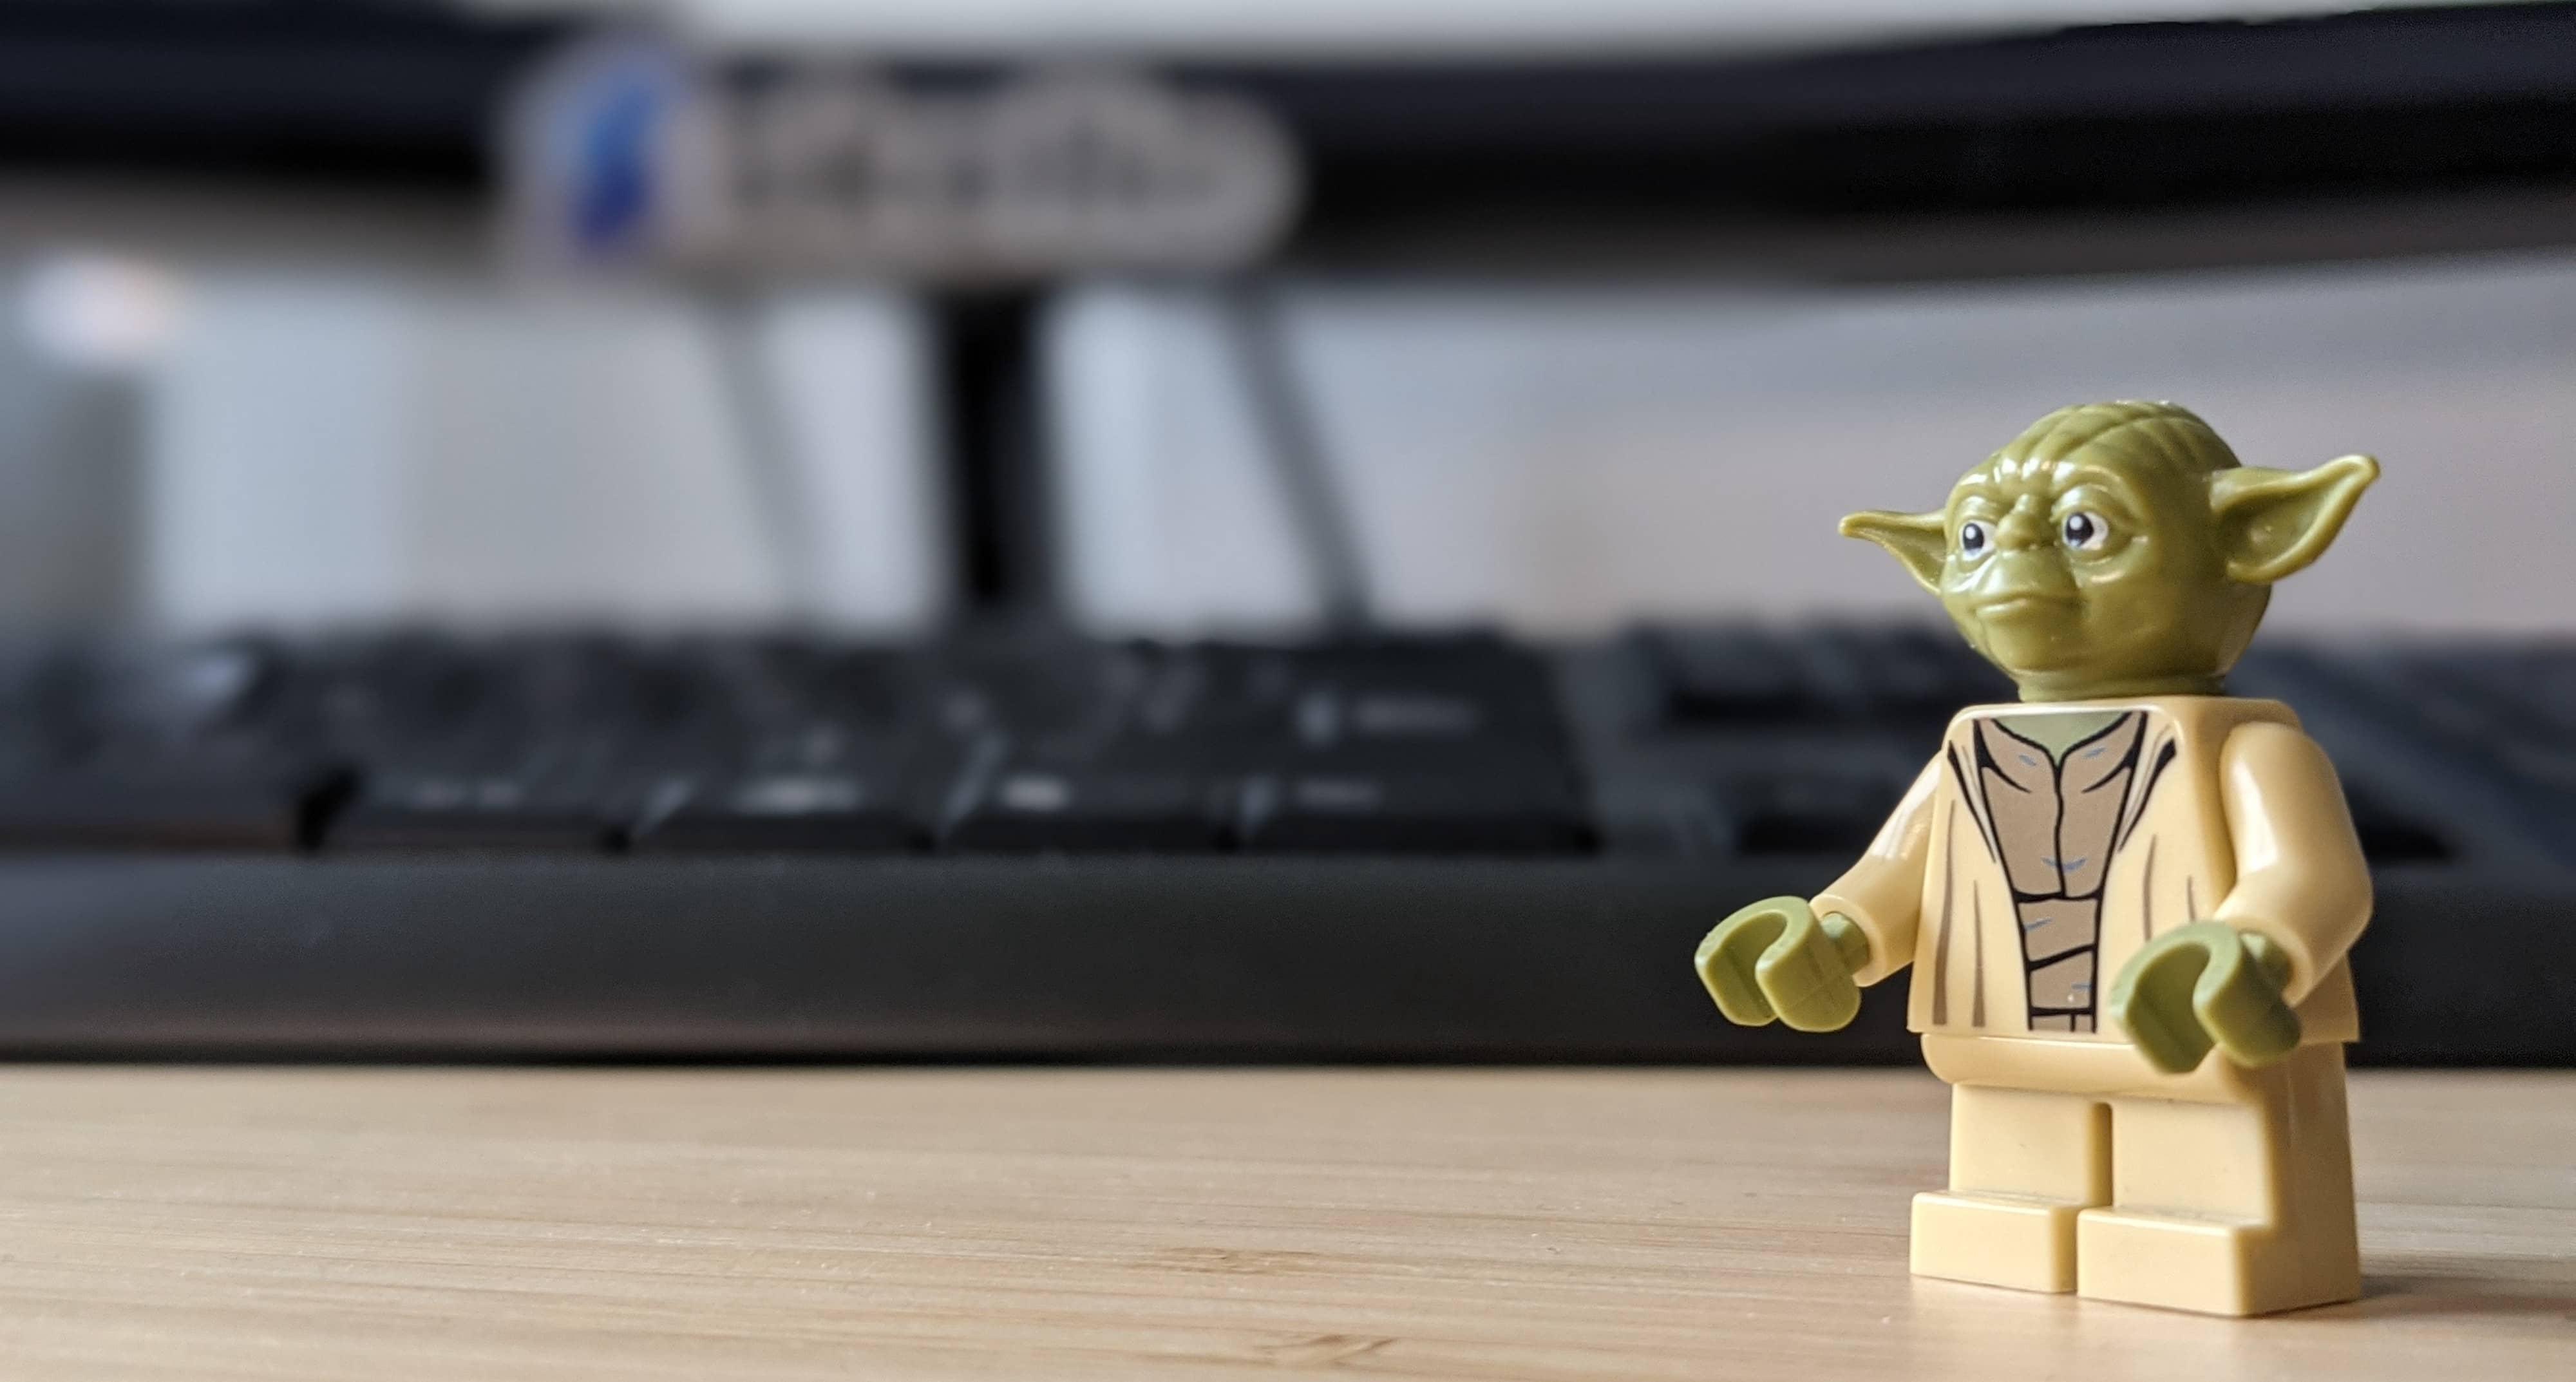 De padawan à maître Jedi, l'évolution au sein de l'équipe tech.